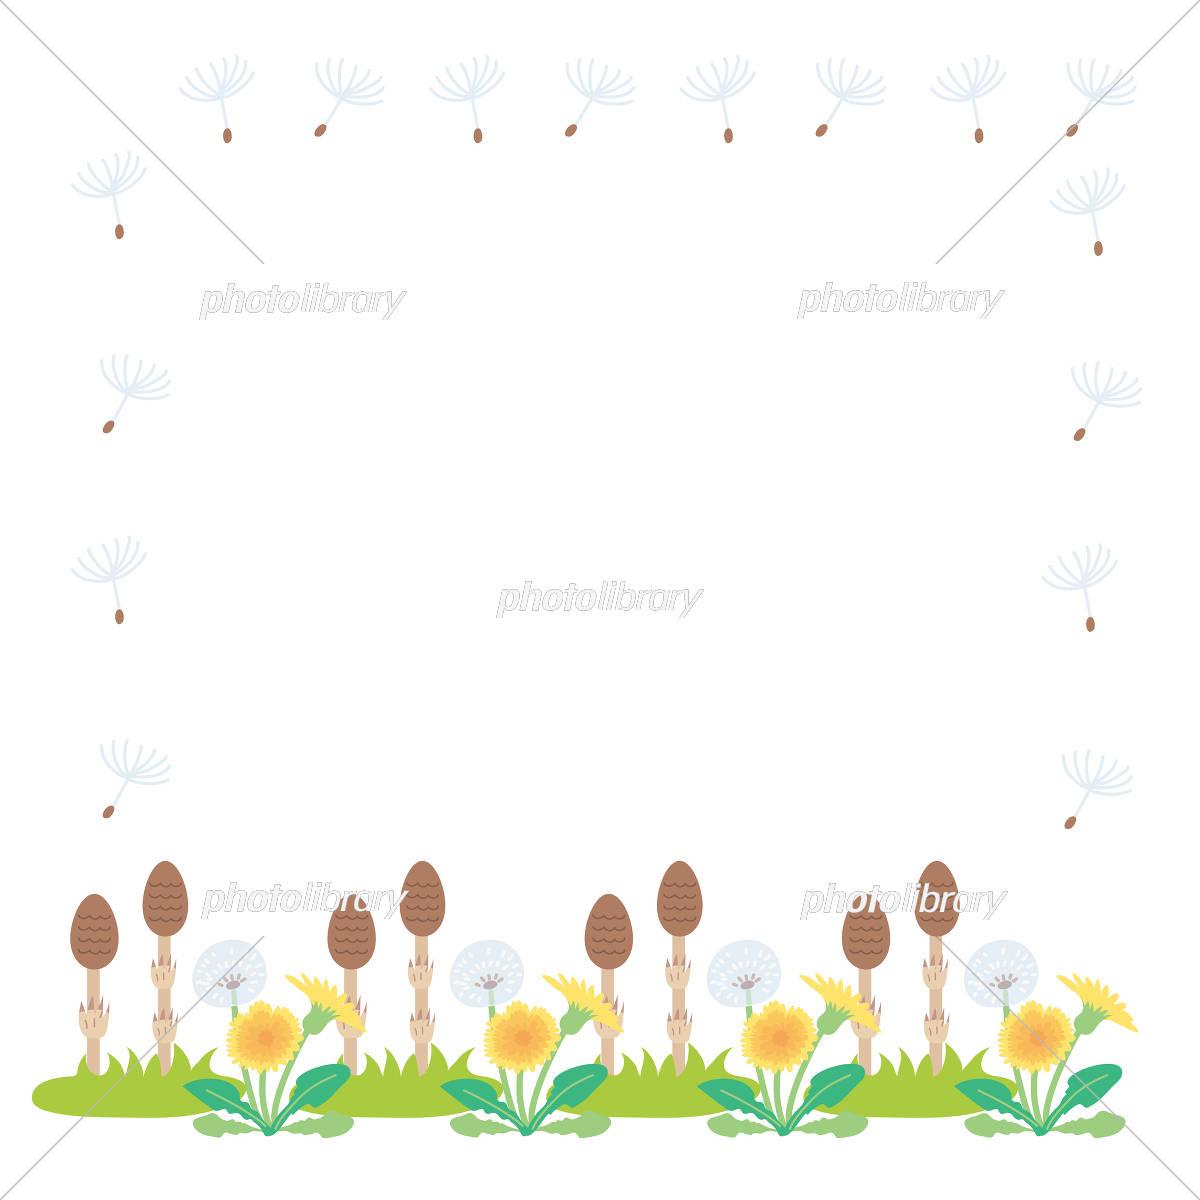 春 つくしのフレーム イラスト イラスト素材 [ 5370041 ] - フォトライブ